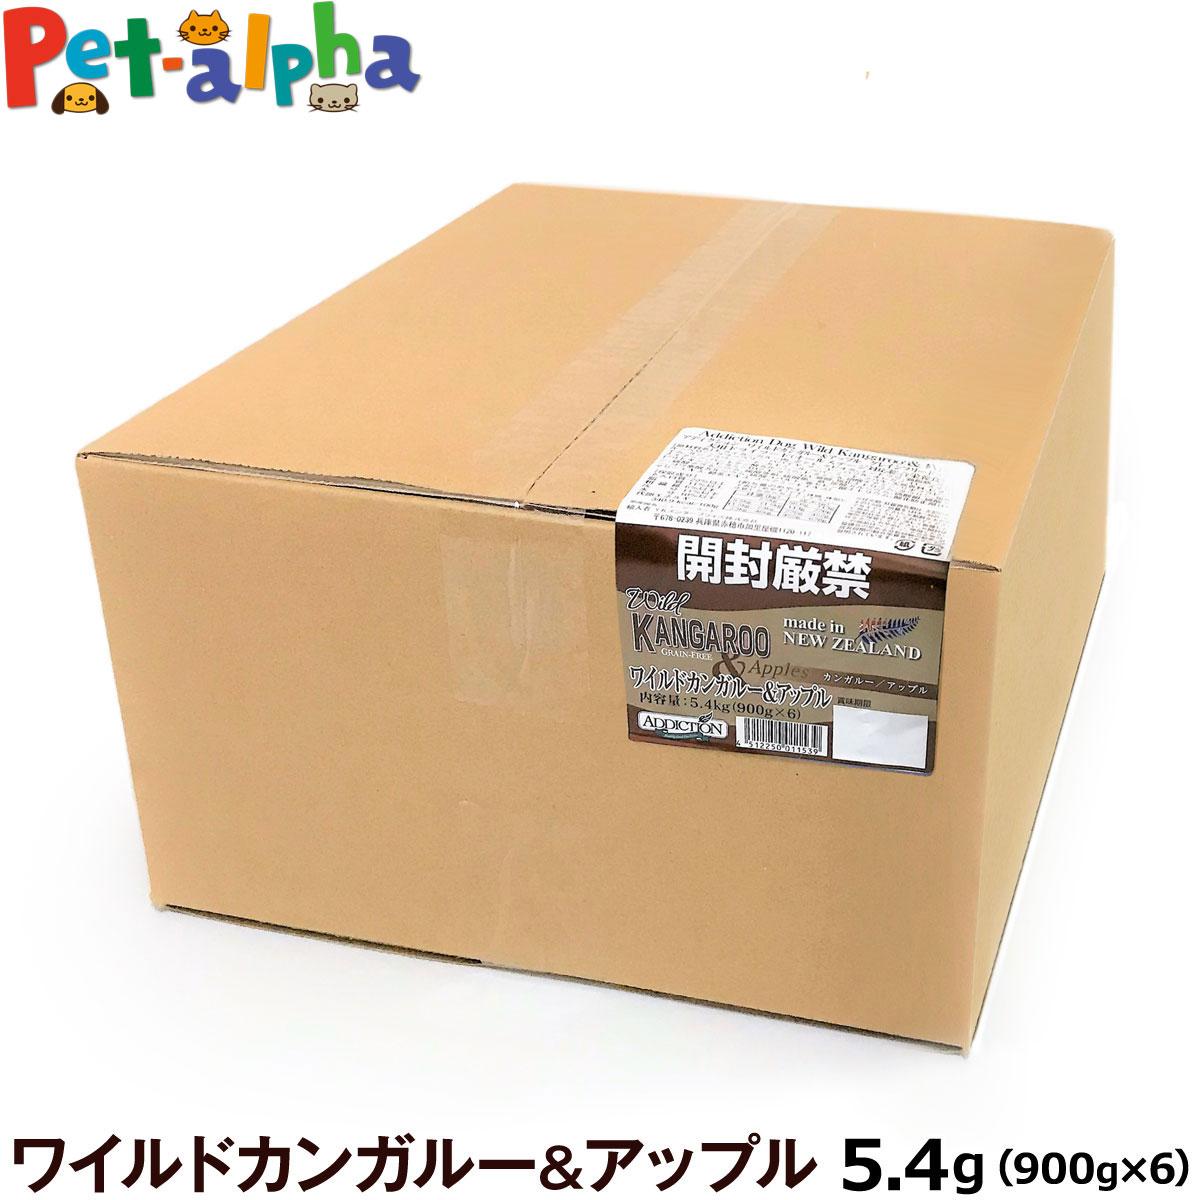 【クーポン配布中】アディクション ワイルドカンガルー&アップル グレインフリードッグフード 5.4kg(900g×6)